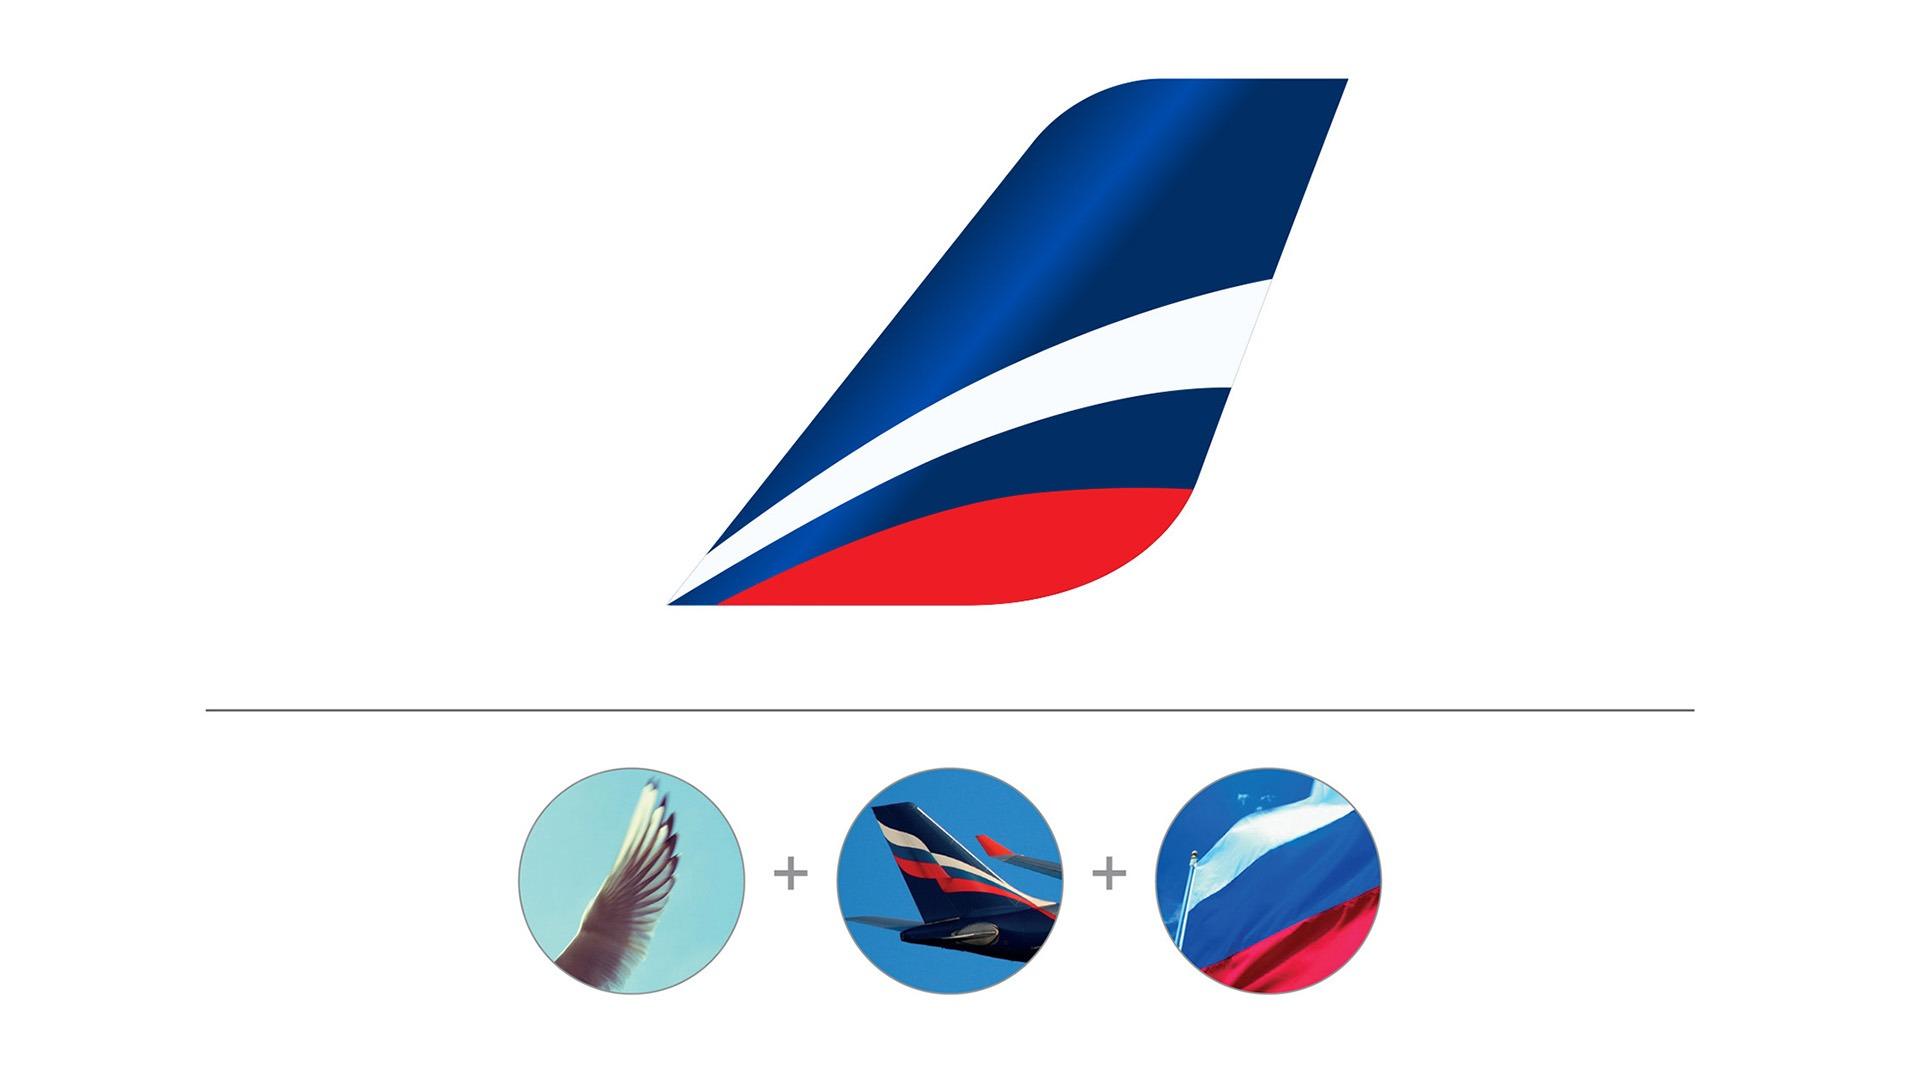 Фирменный стиль авиакомпании, re-branding, ребрендинг авиакомпании, Asgard Branding, лого Аэрофлот, Aeroflot